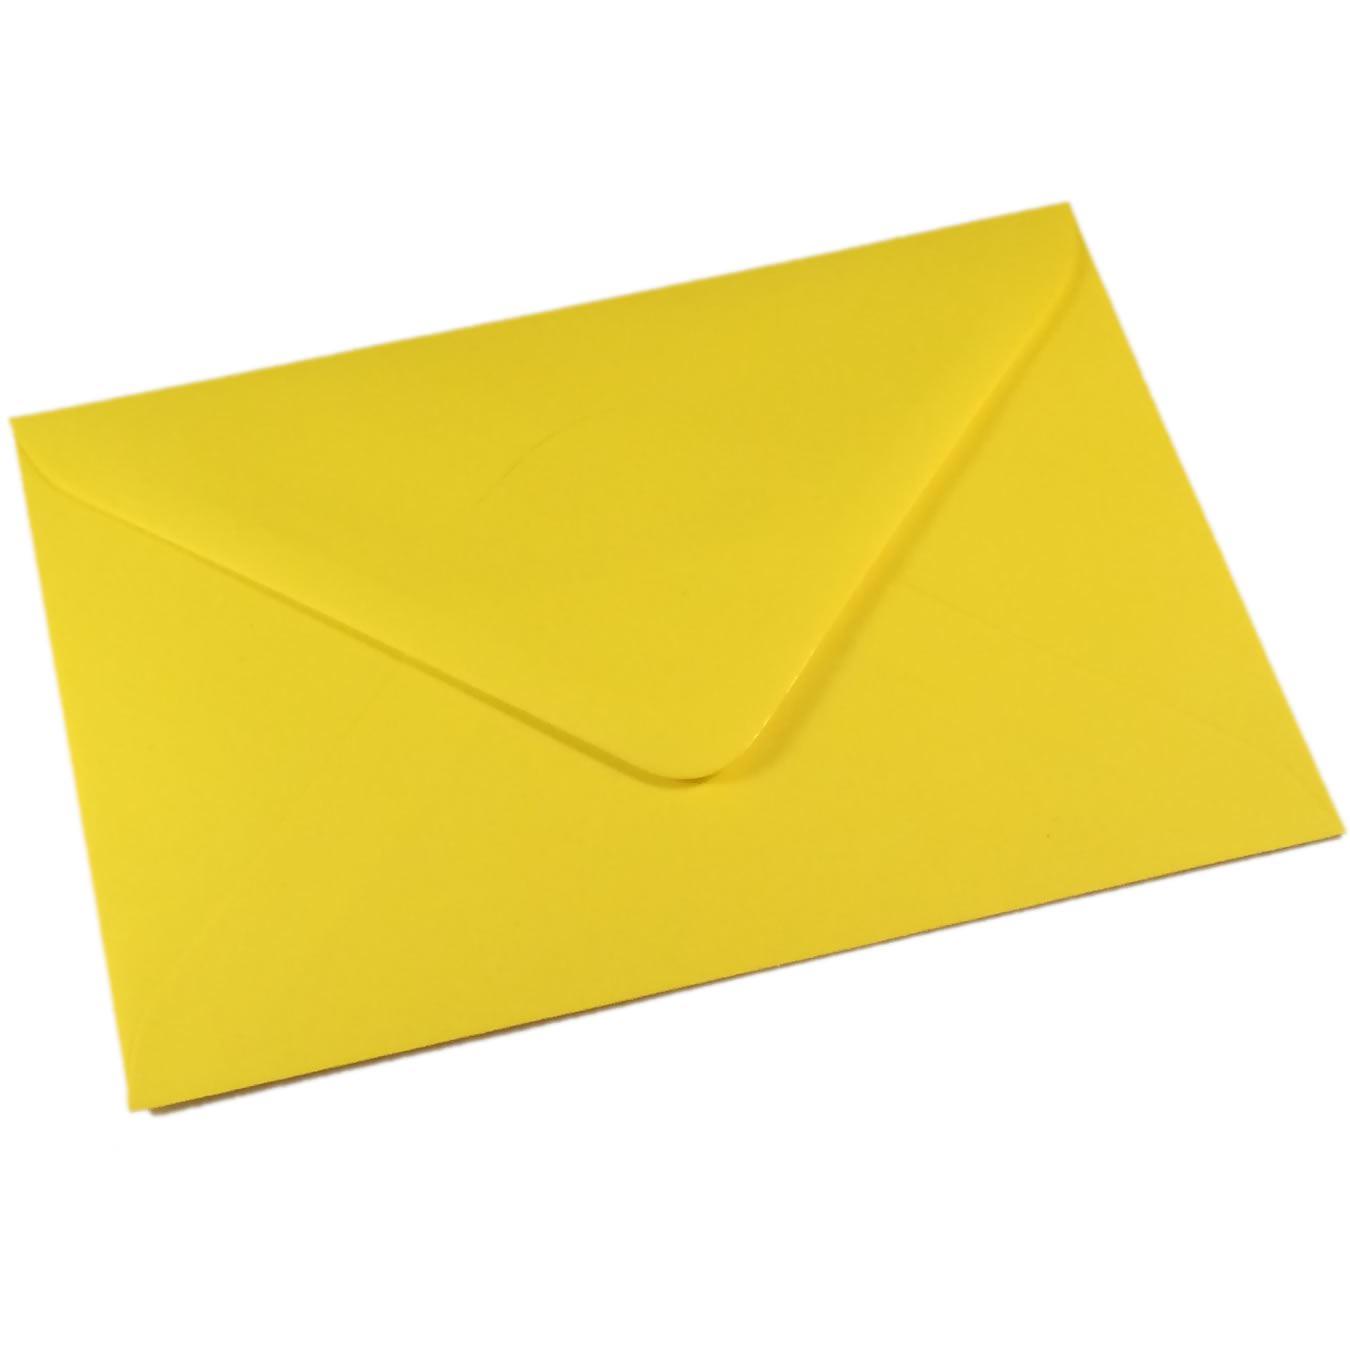 C5 daffodil yellow